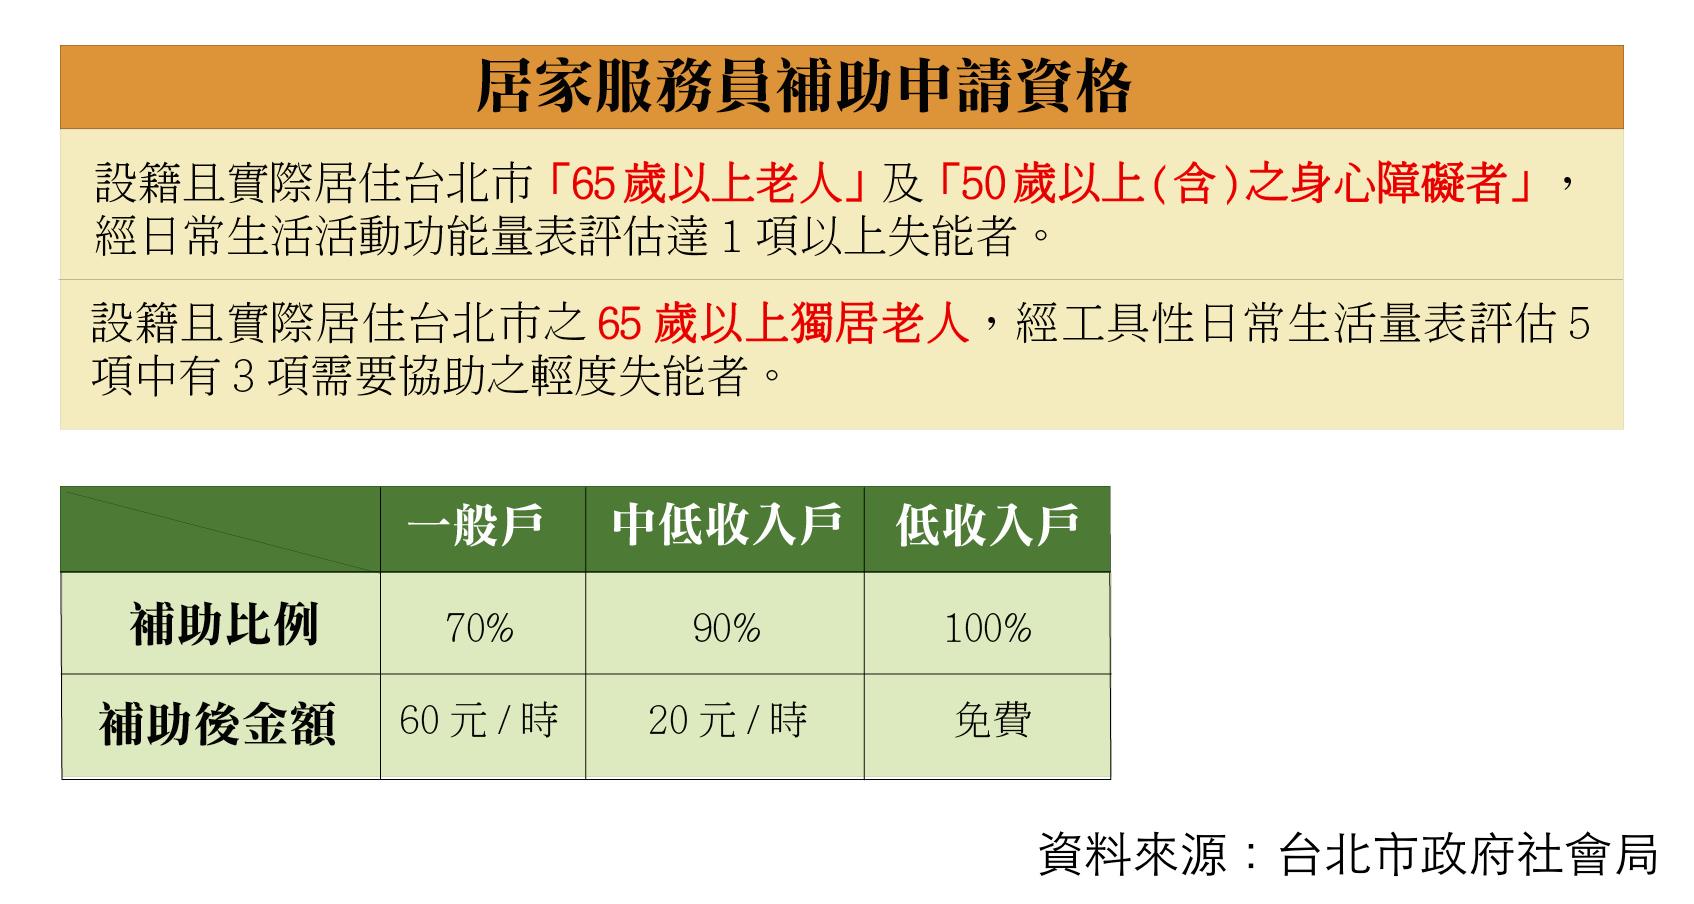 居服員申請資格及補助費用。 製表/張芷瑜